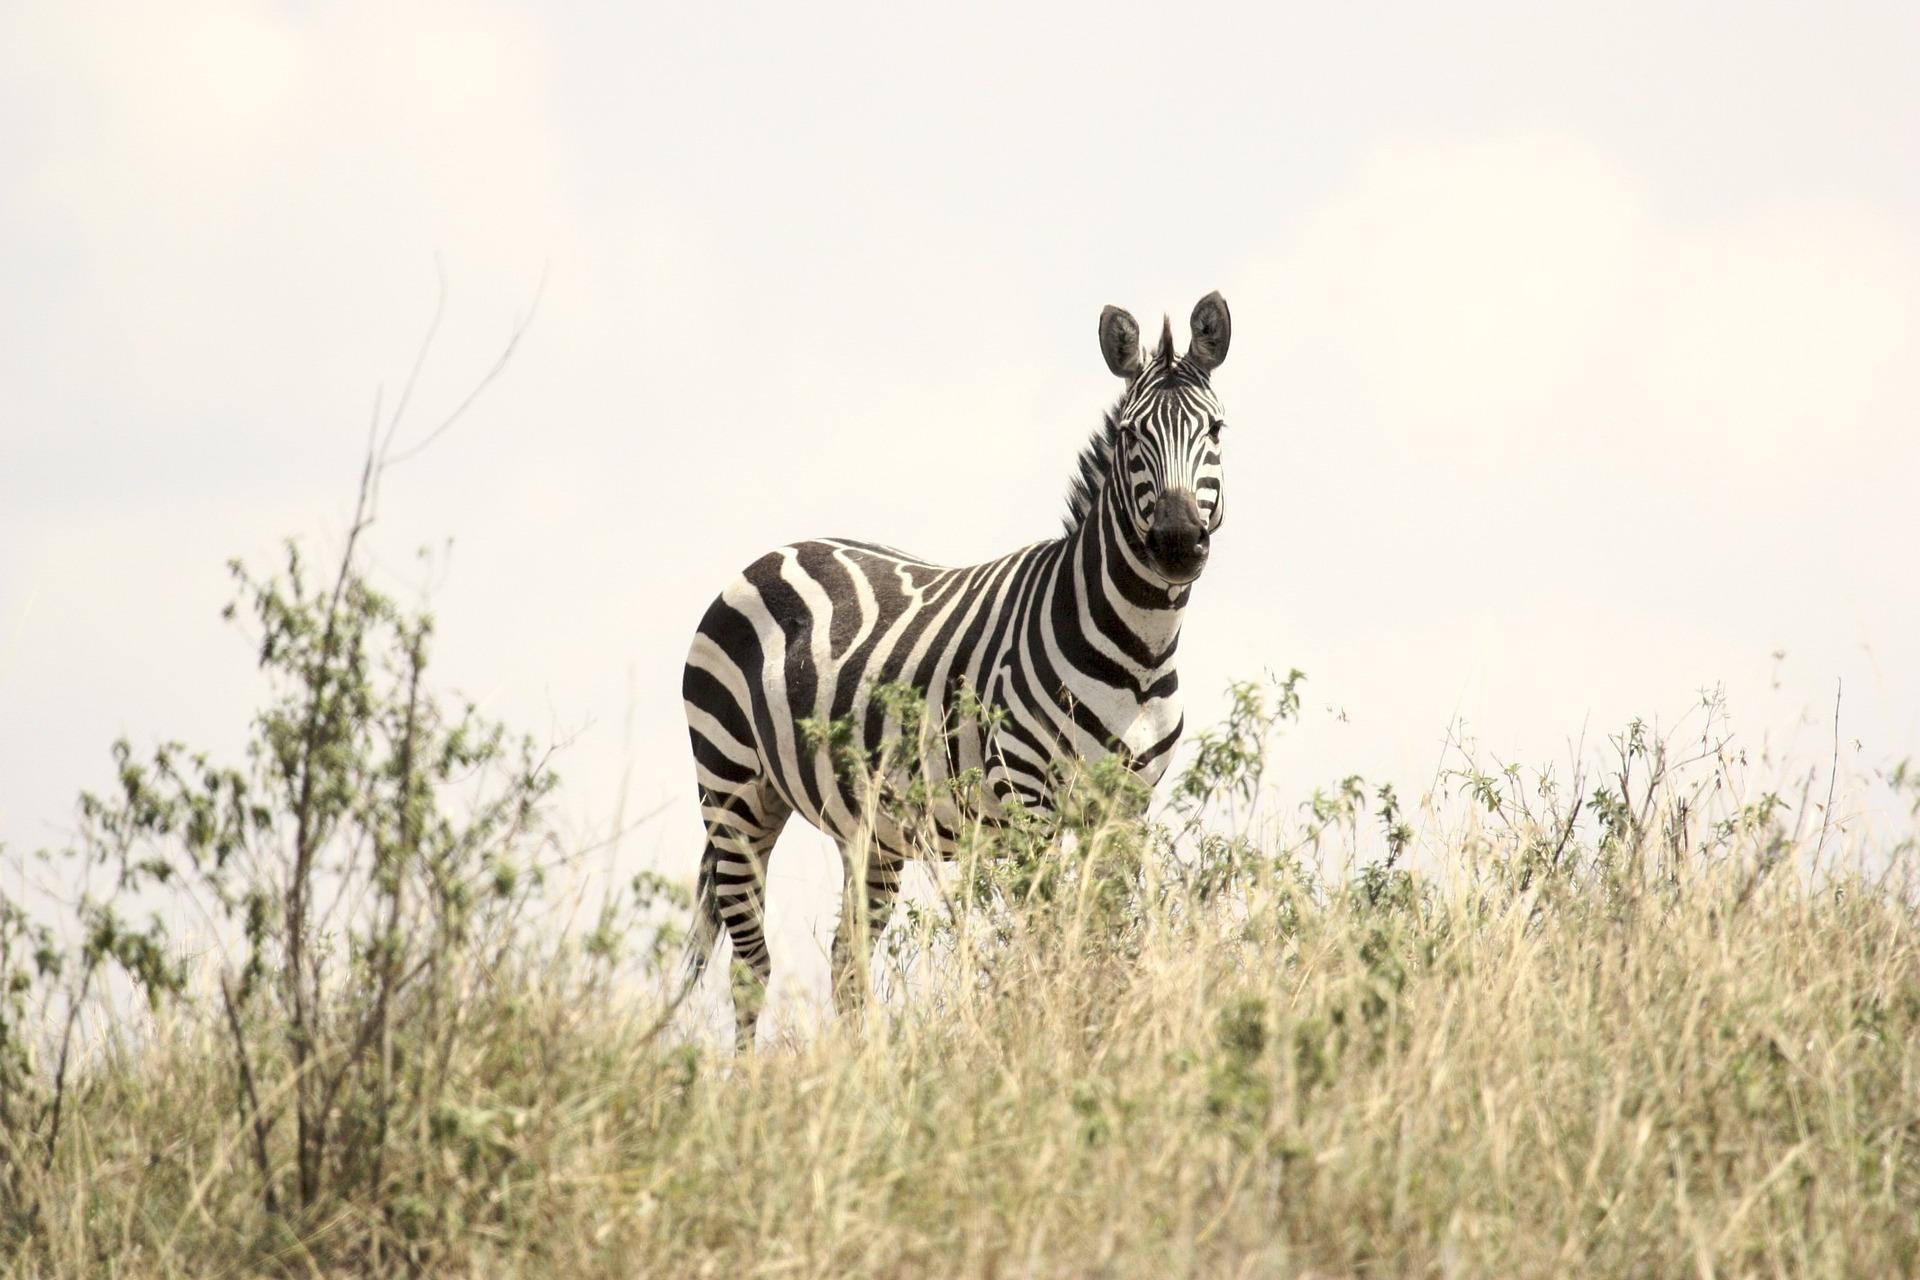 Zebra in steppe